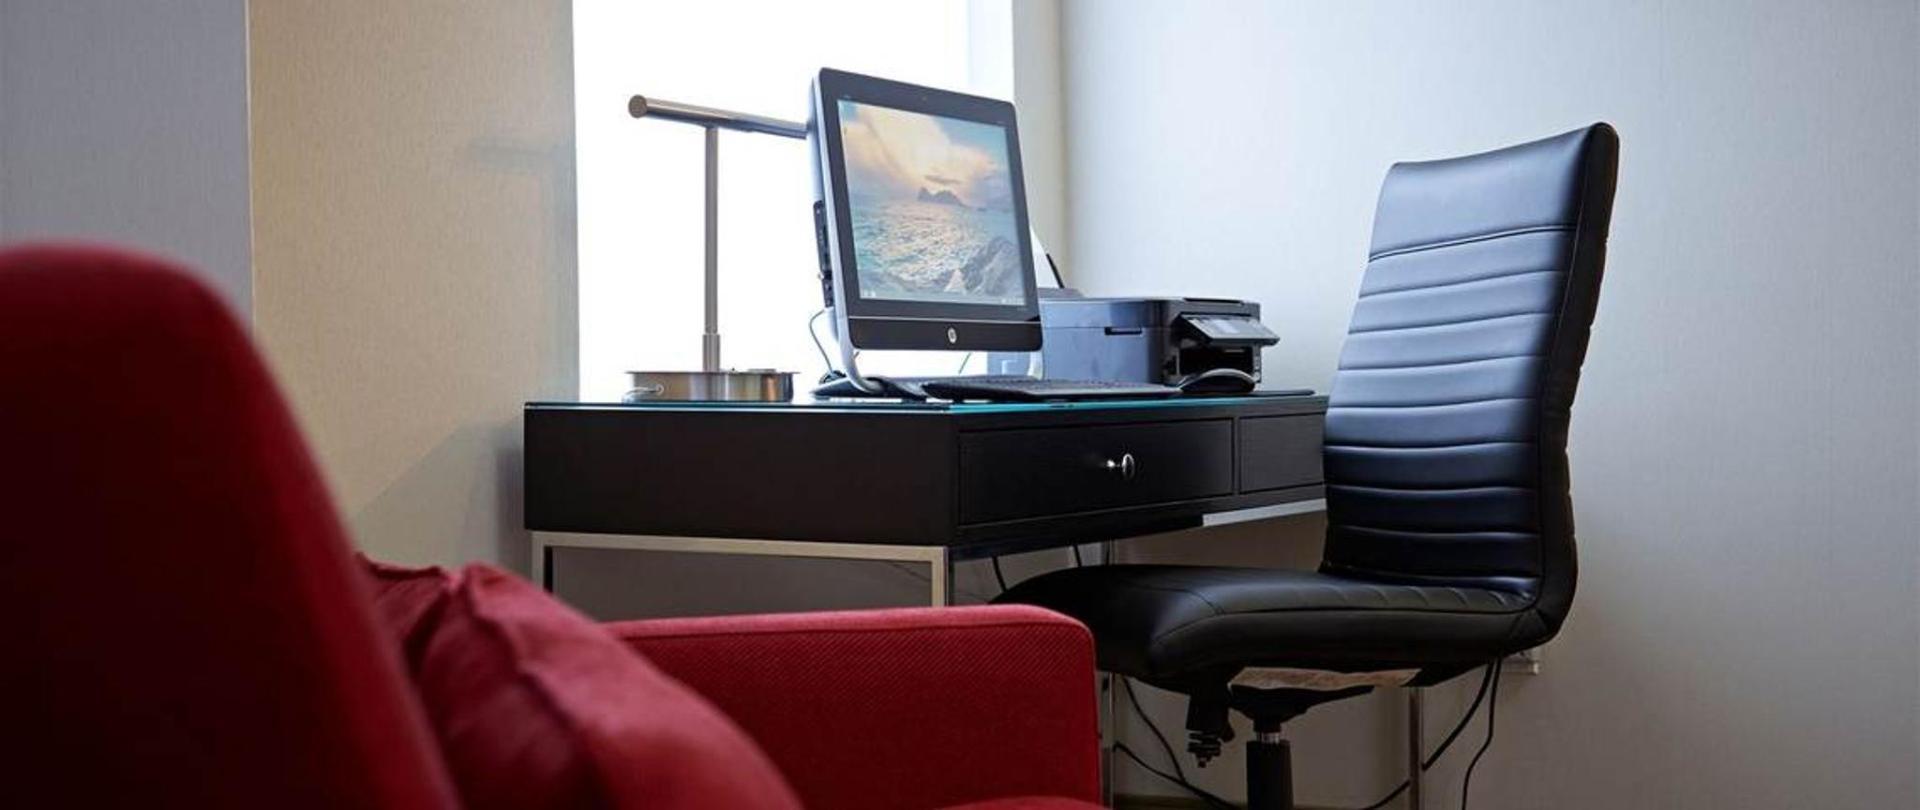 guest-business-centre.jpg.1140x481_default.jpg